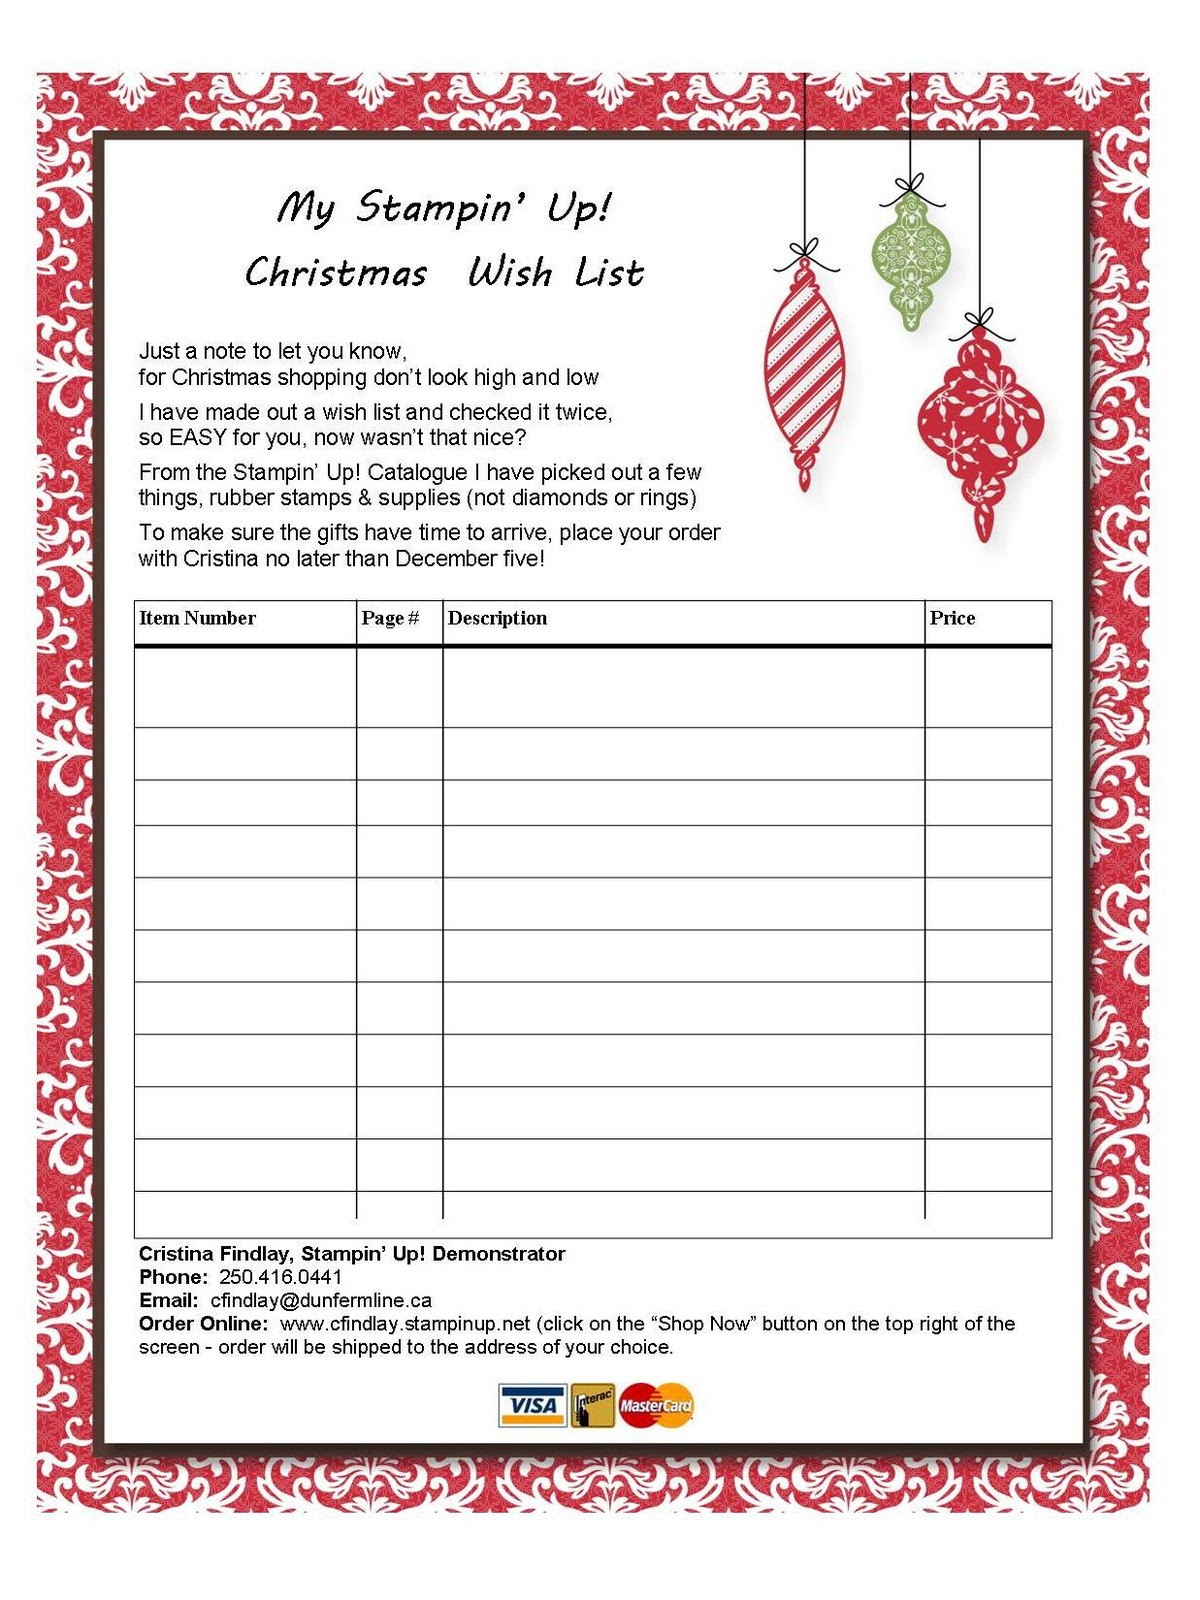 Christmas List Christmas wish list for